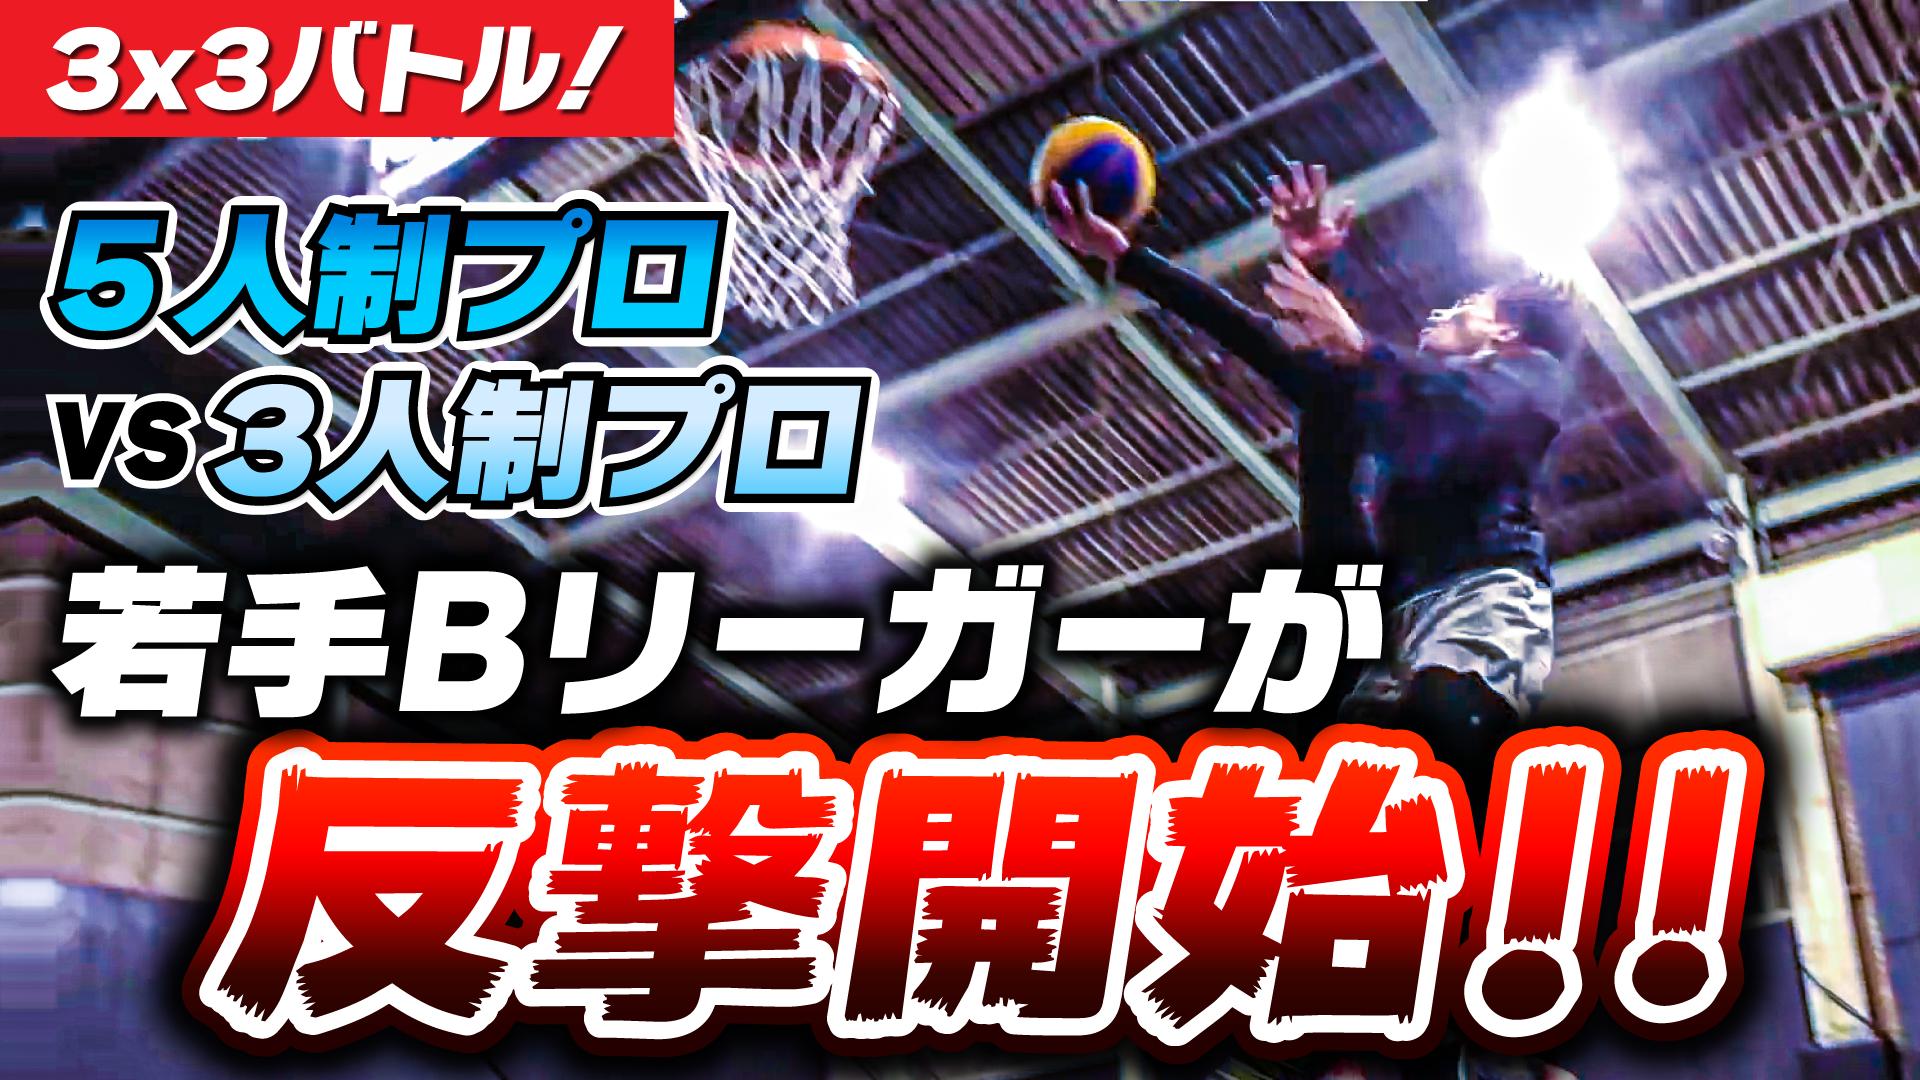 【バスケ】Bリーガーの身体能力がヤバい!宿命の対決で好プレー連発!|5人制vs3人制